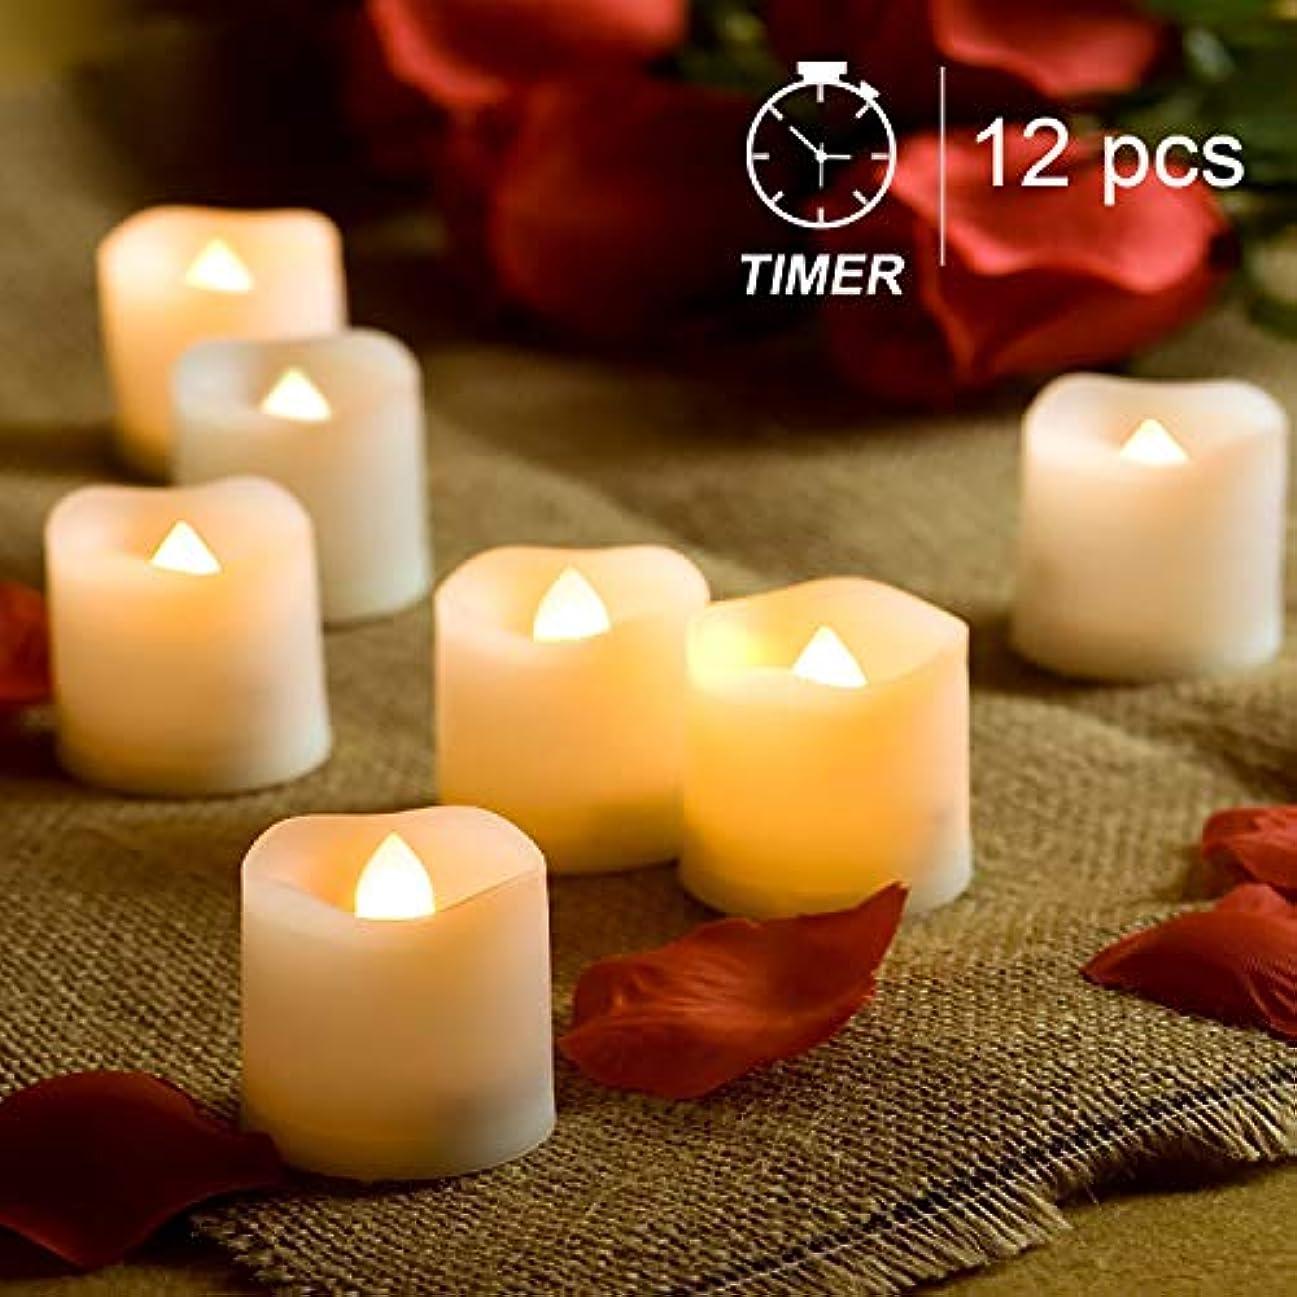 タールデマンド一緒Homemory タイマーティーライト 温白色 火を使わないキャンドル ちらつきLEDティーライトキャンドル ティーライト 電池式 直径1.57インチ x 高さ1.37インチ [12個パック]